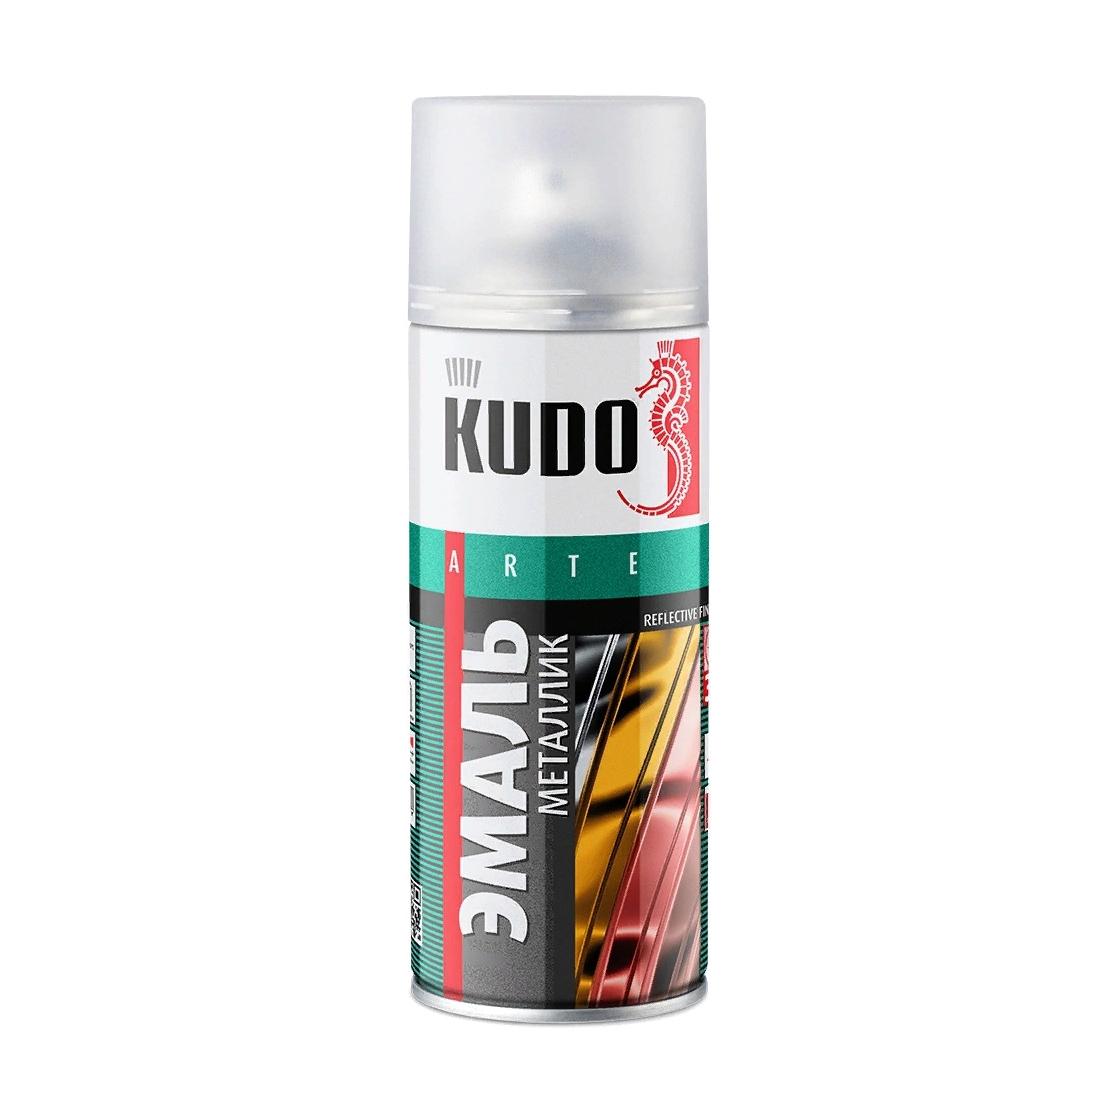 Фото - Эмаль Kudo металлик универсальная медь 520 мл эмаль kudo термостойкая